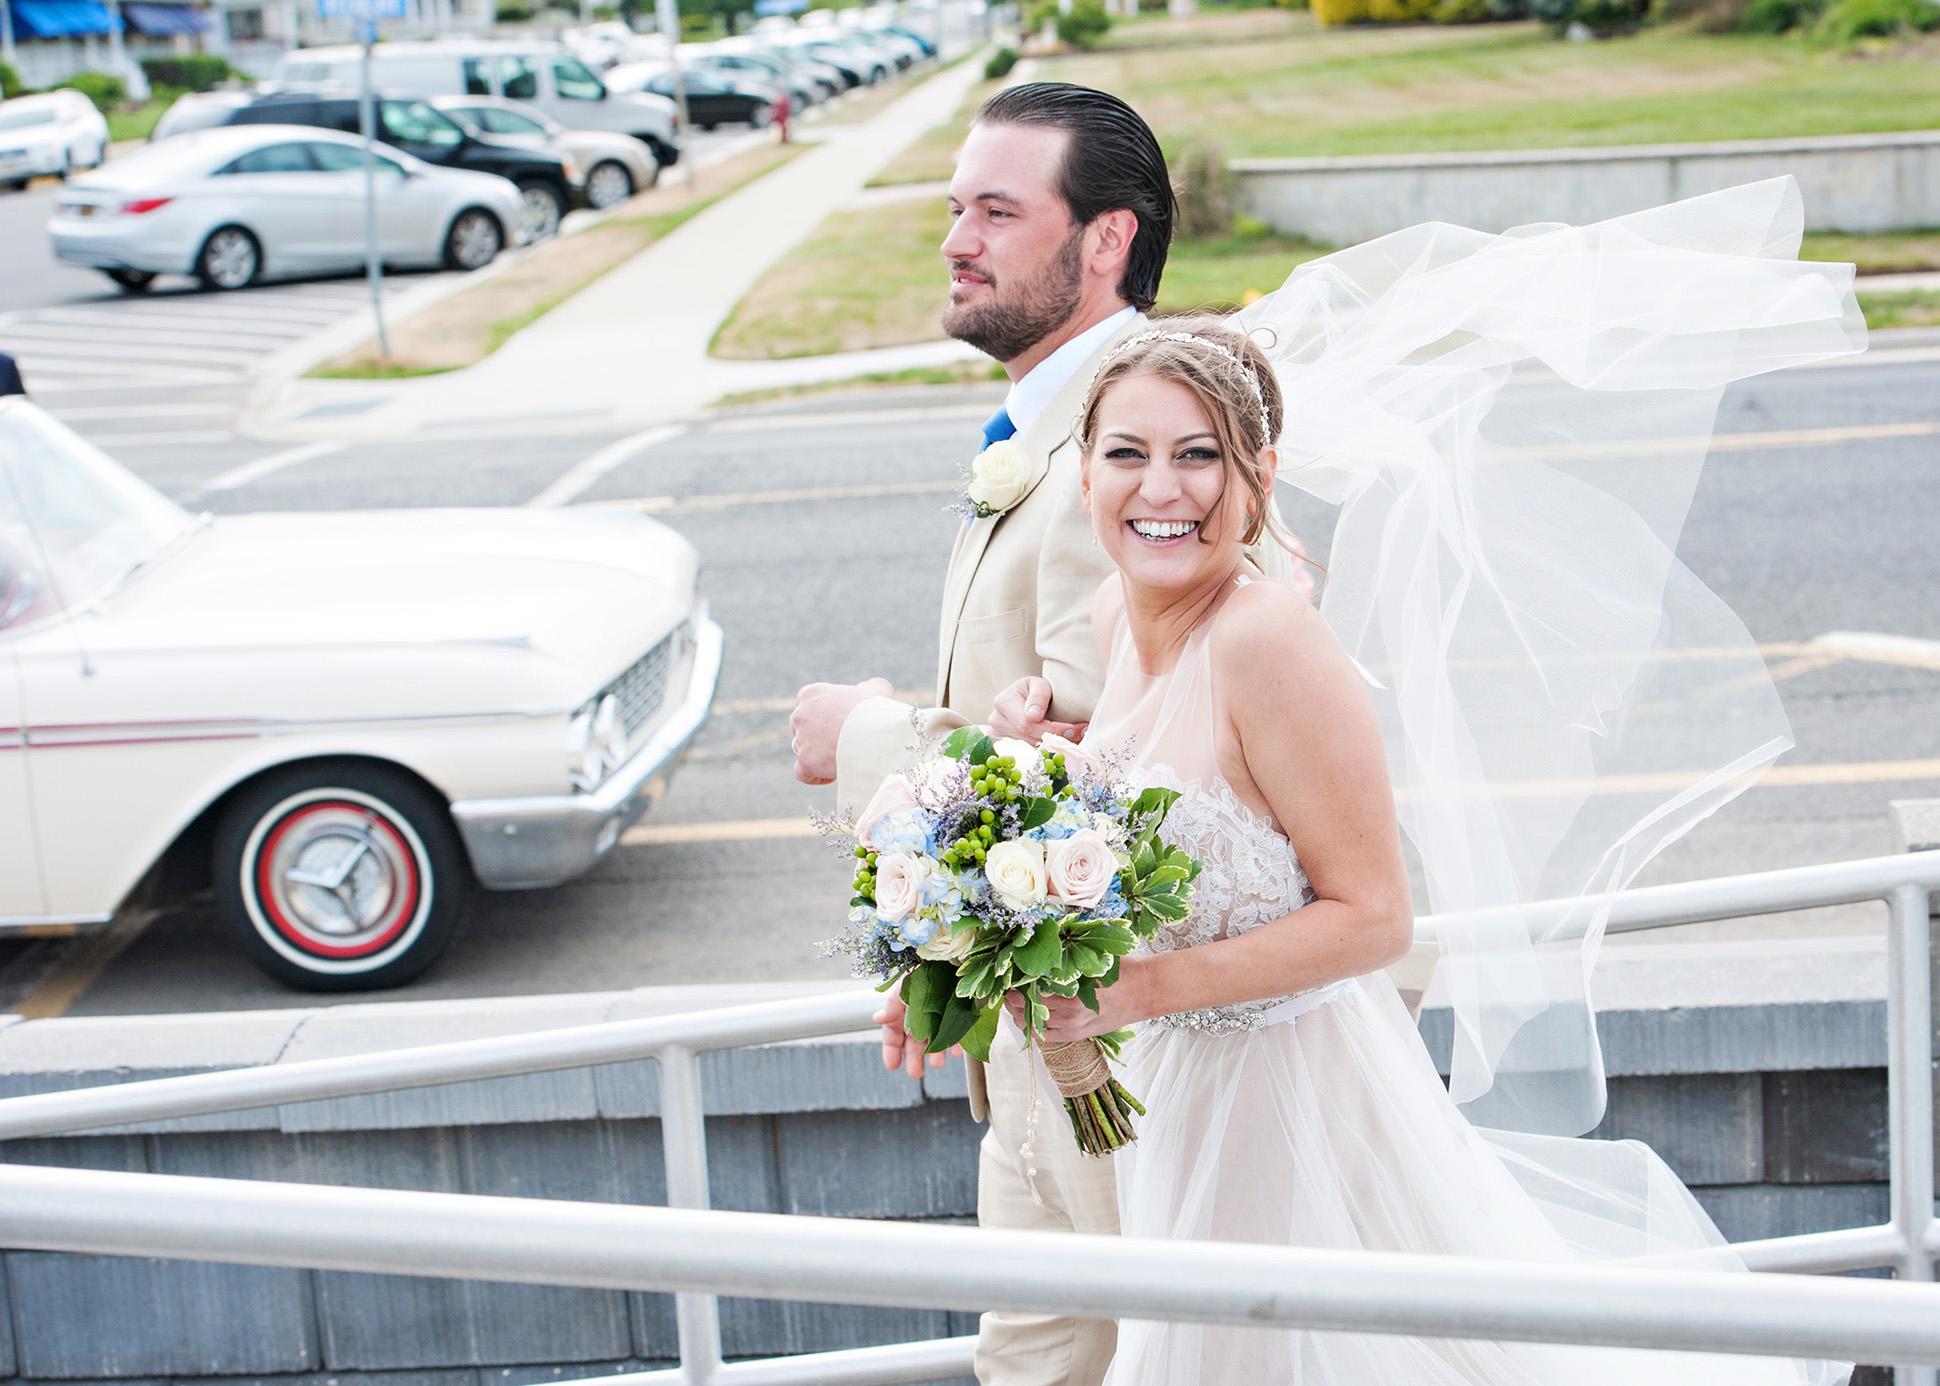 29-Sara Stadtmiller-SRS-Photography-Asbury-Park-Wedding-Photographer-Monmouth-County-Wedding-Photographer-NJ-Wedding-Photographer-Avon-by-the-Sea-Wedding-The-Columns-Wedding